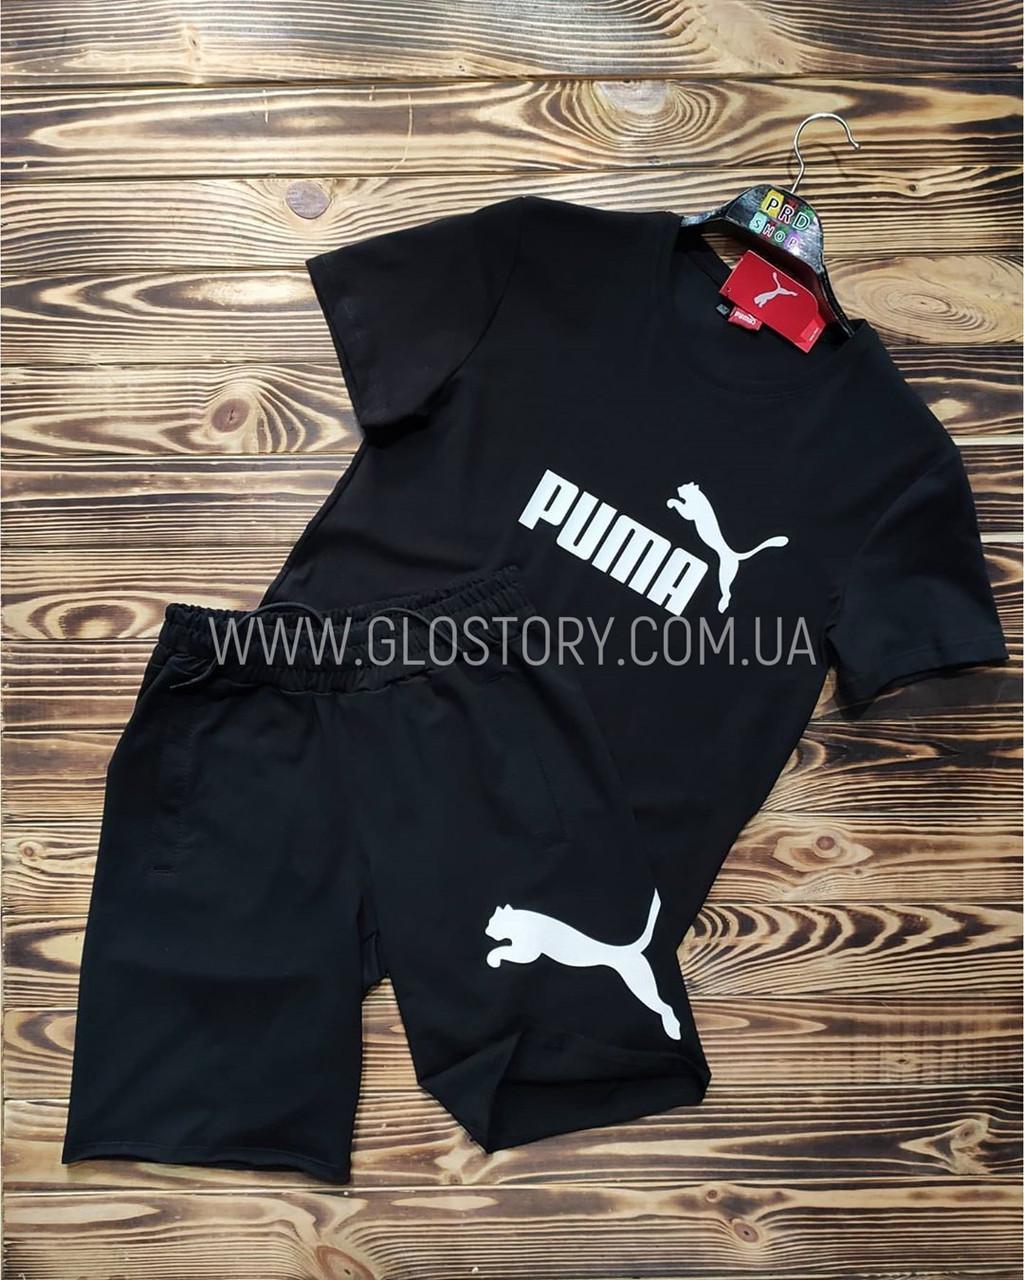 Спортивный комплект Puma, трехнить (Реплика)